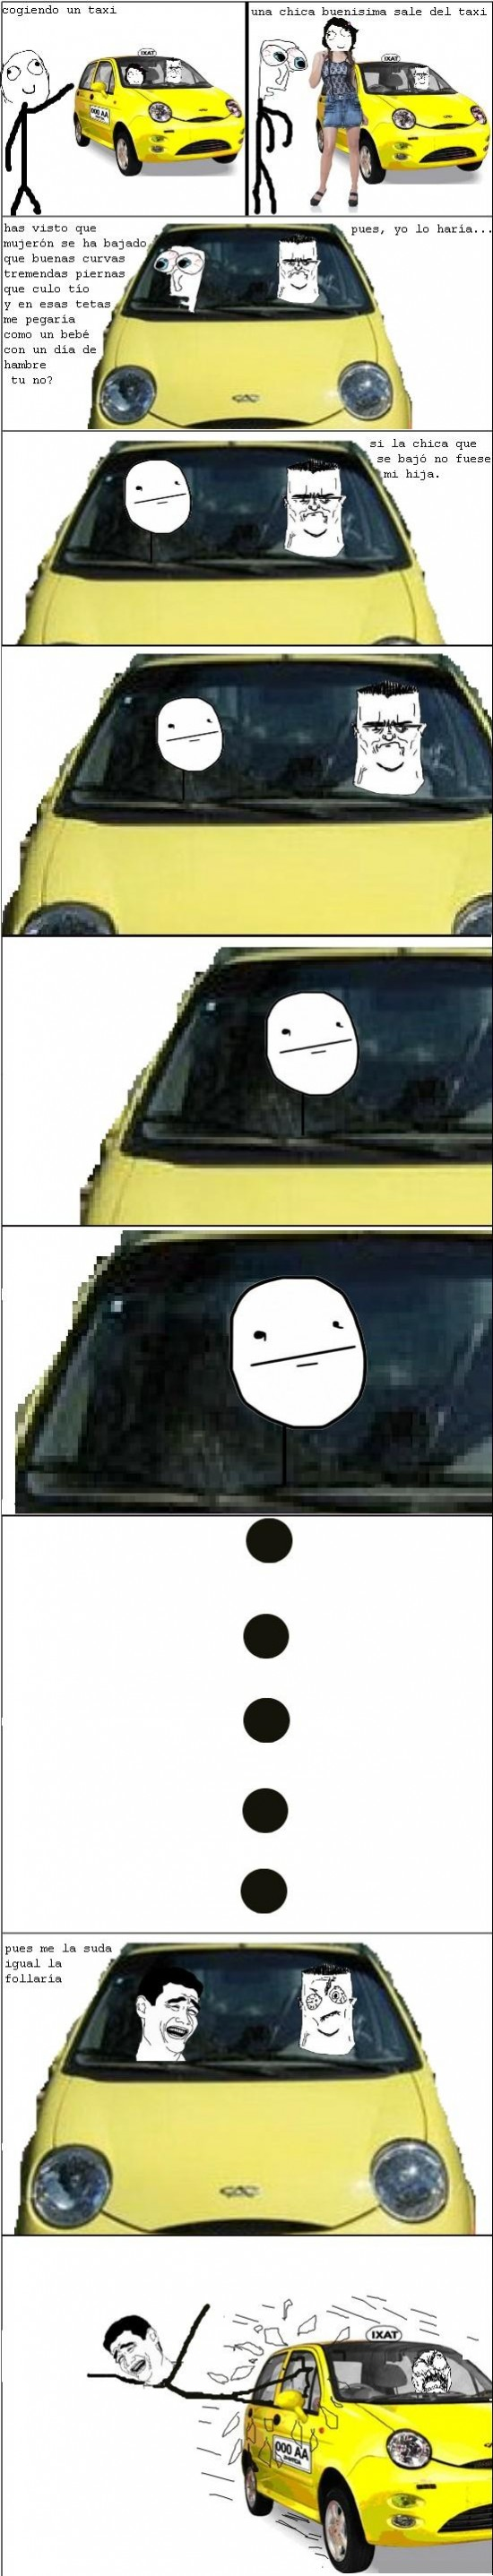 Yao - El taxi